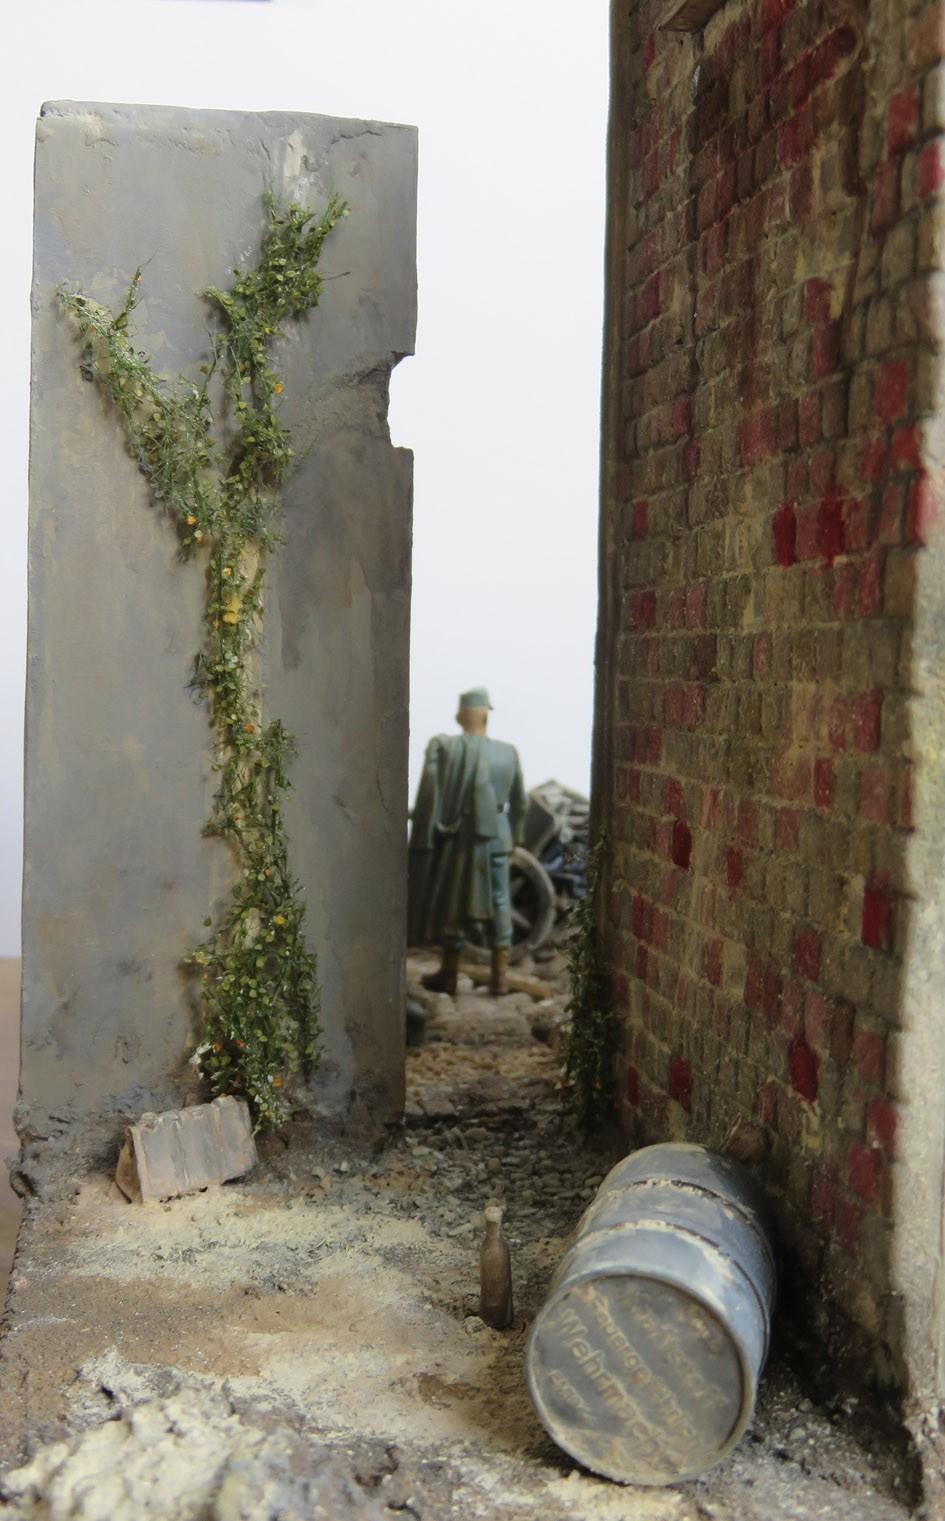 Mur d'usine _ Stalingrad  Septembre 42 _ Victoire __1/35 - Page 4 15080412